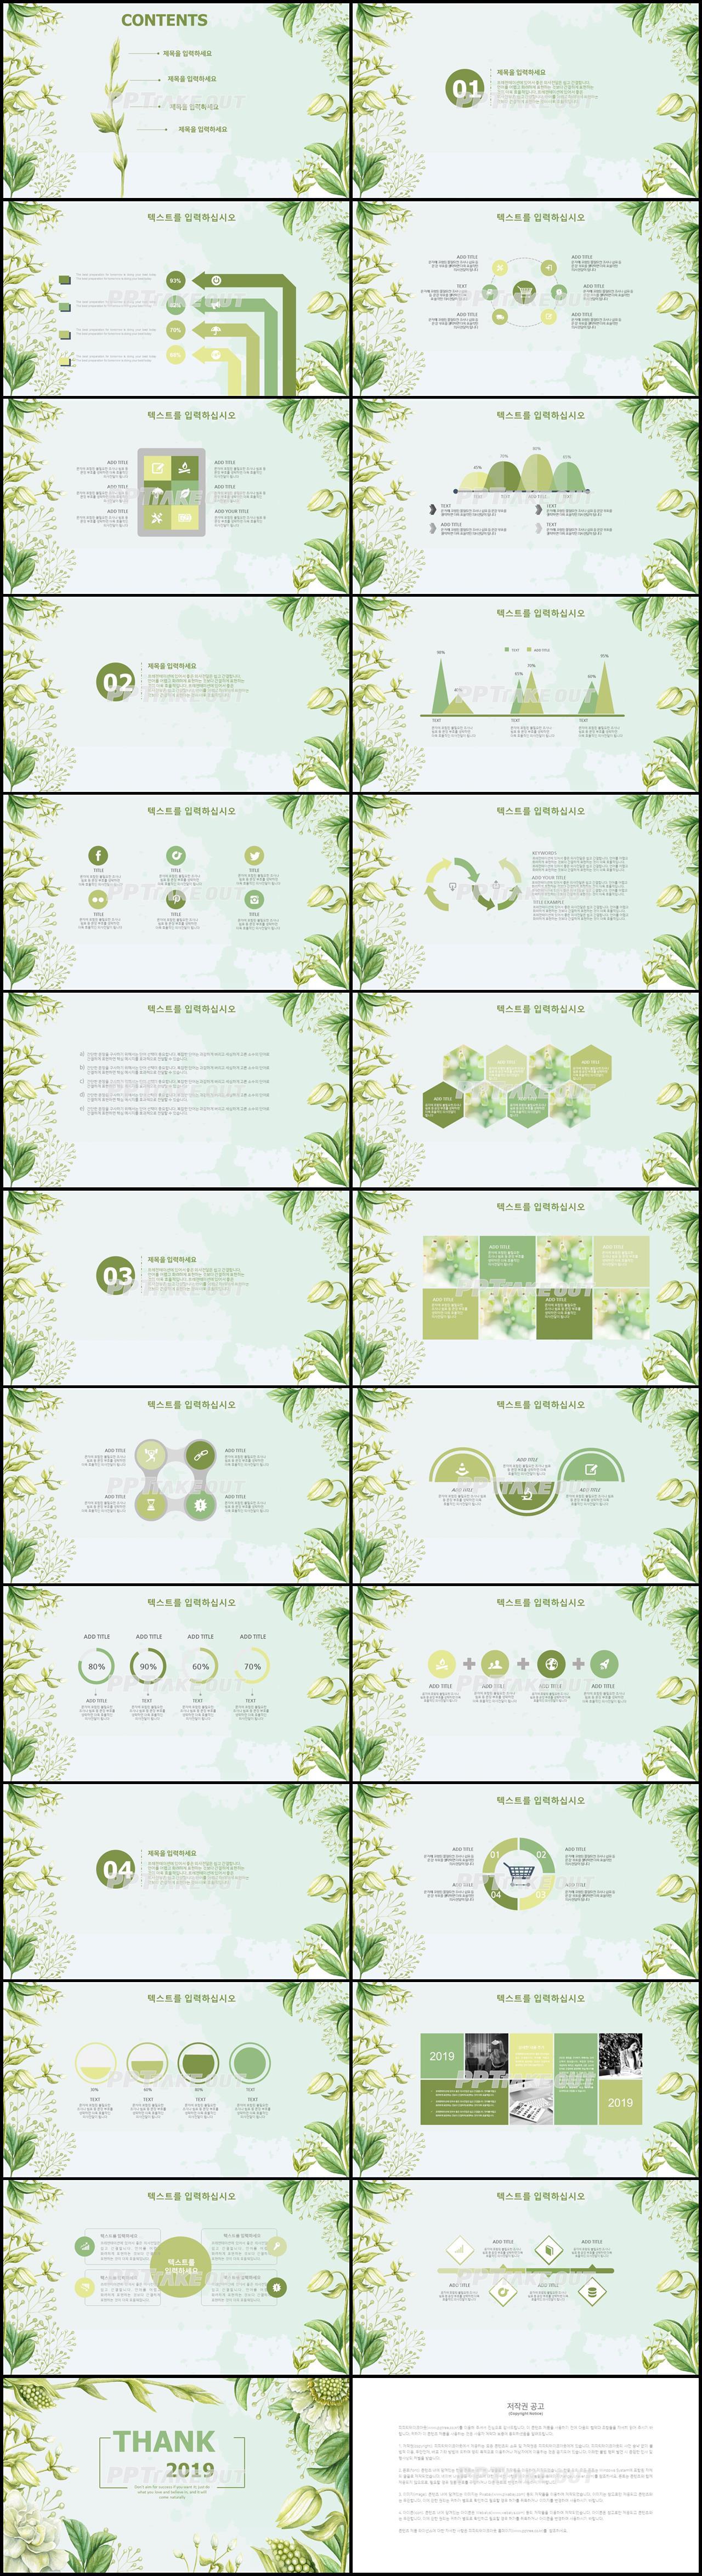 동식물, 애완동물 그린색 예쁜 다양한 주제에 어울리는 피피티샘플 디자인 상세보기